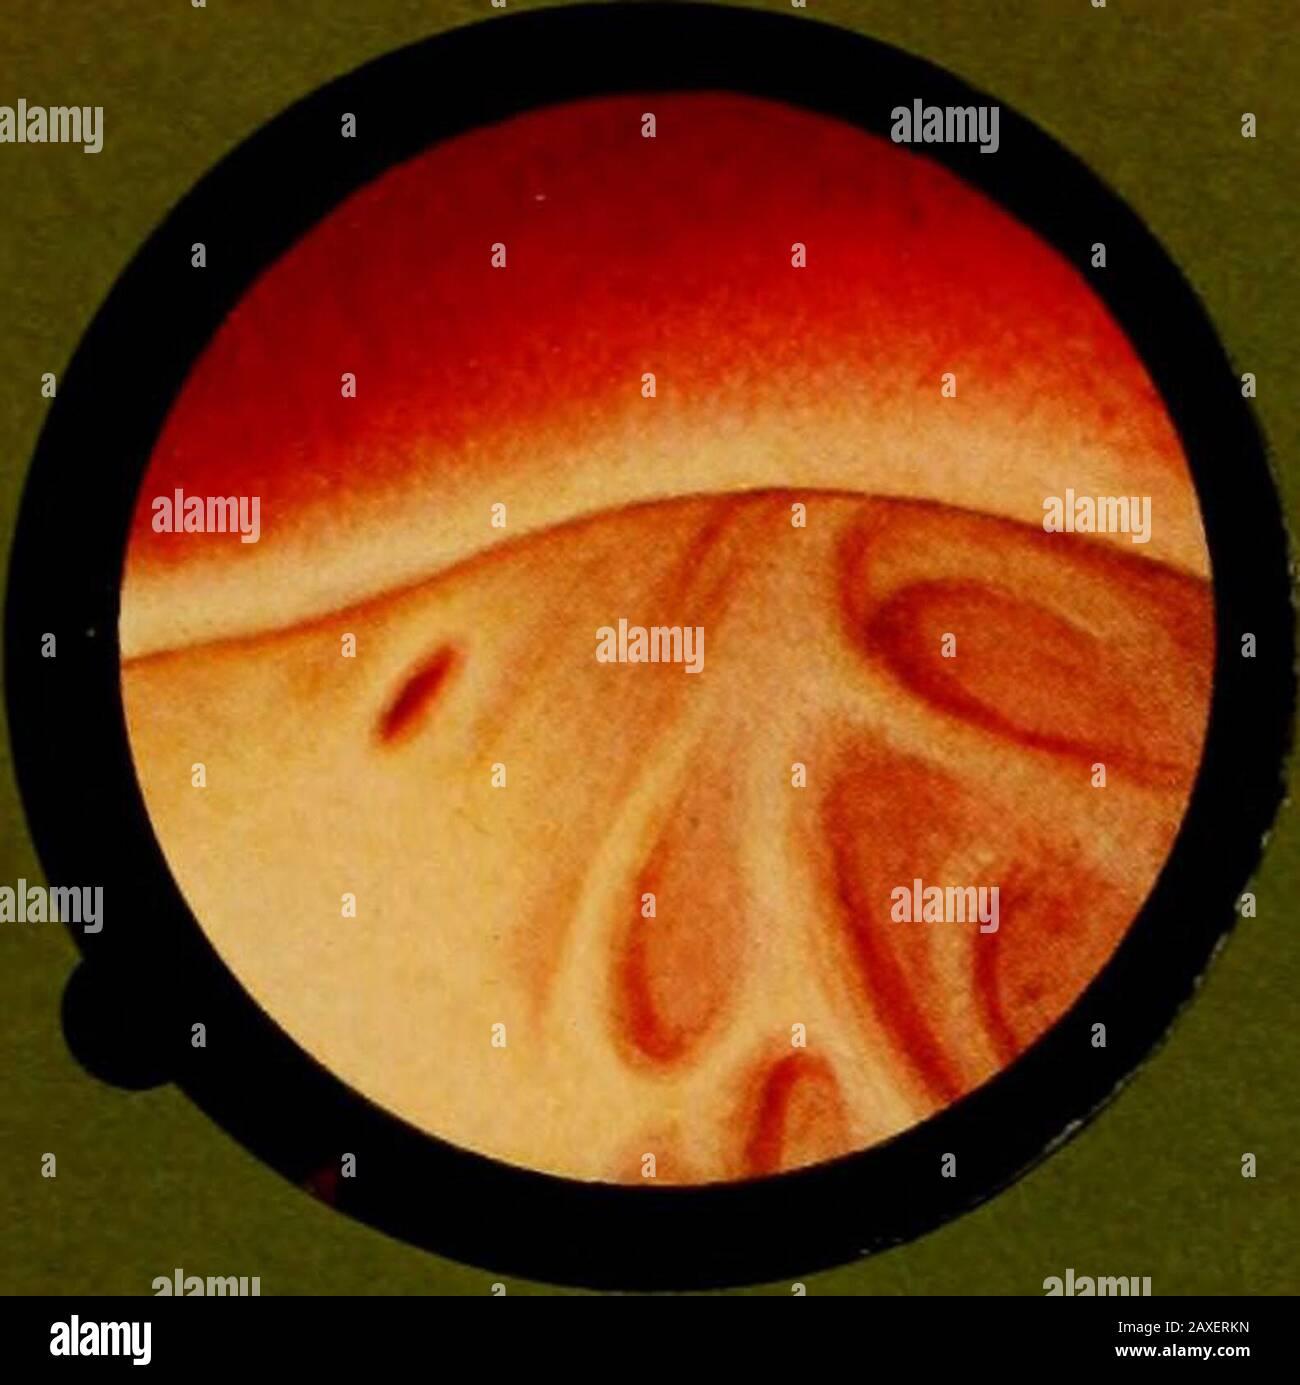 Traitâe pratique de cystoscopie et de cathâetâerisme urâetâeral . cidely convex. Pero con meatus perceevable de stillperceevable. Mismo aspecto con meato visible. La sangre suffusion en una prominencia prostática. Prominencia prostática observada en un cistoscopio de retrógrado. STAMPA XXXII. FLG. 1 Fig. 2 Fig. 3 Fig. 4. Fig. 5 Primo grado ilipertrofia prostatica, che lascia vedere loriflcio ureterale. Grado più acentuato dell ipertrofia, gia franciscana convessa; ma tuttavia sipué ancora scorgere il meato. Il medesimo aspetto, con meato visibile. Sufïusione sanguigna sopra una sporgenza prostatica. Sporgenza prostatica veduta Foto de stock